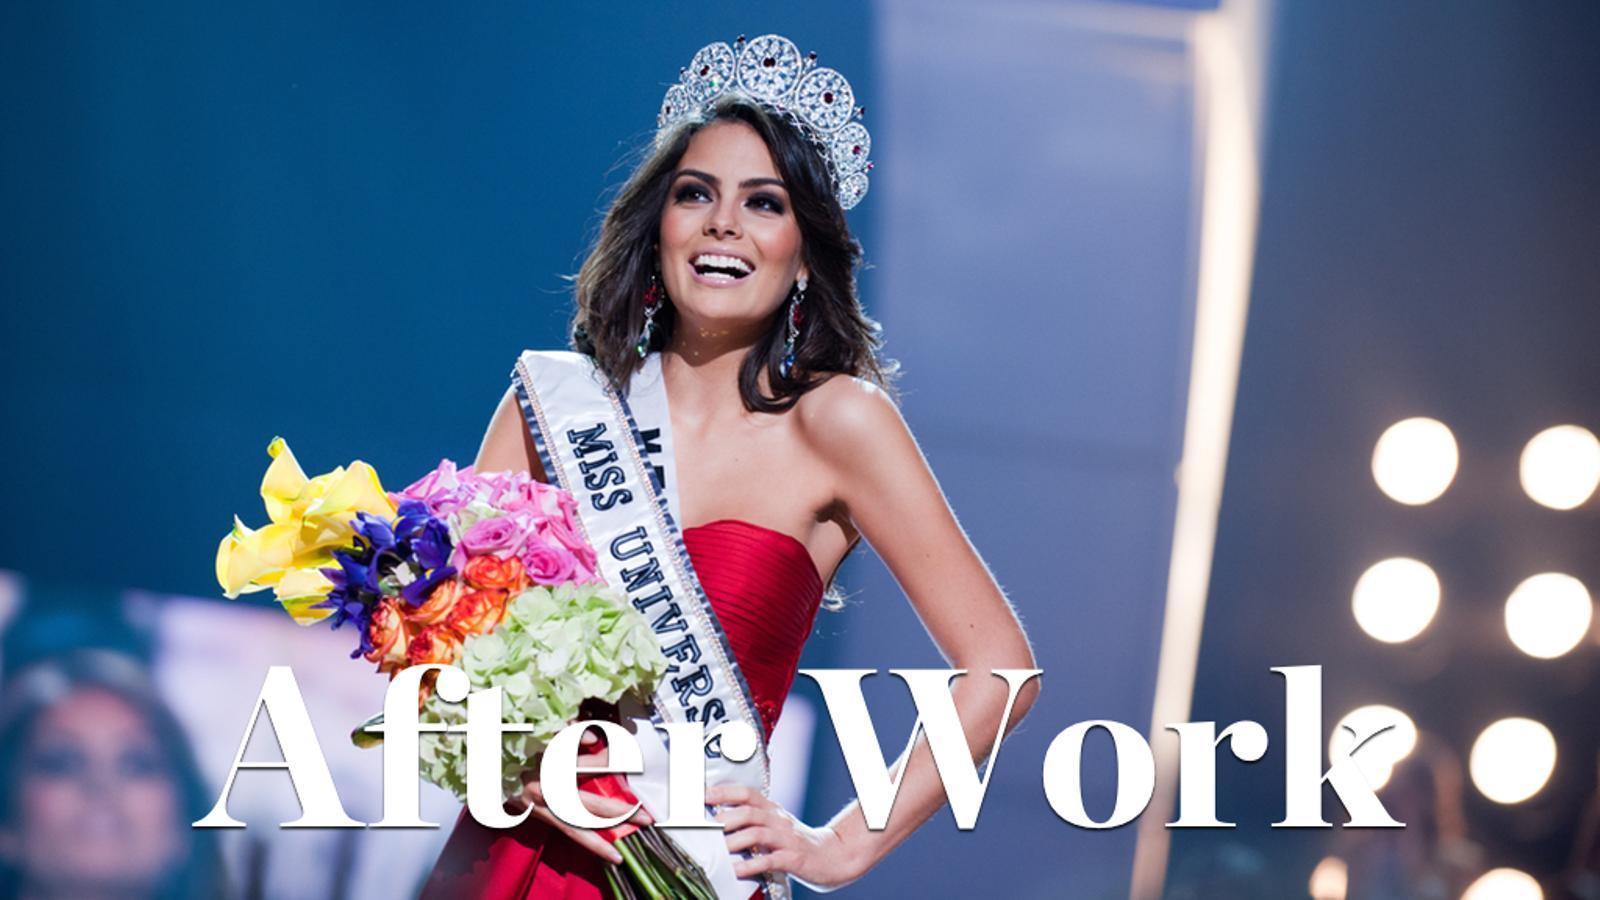 L'After Work d'Antoni Bassas: La de Miss Univers i altres respostes brillants